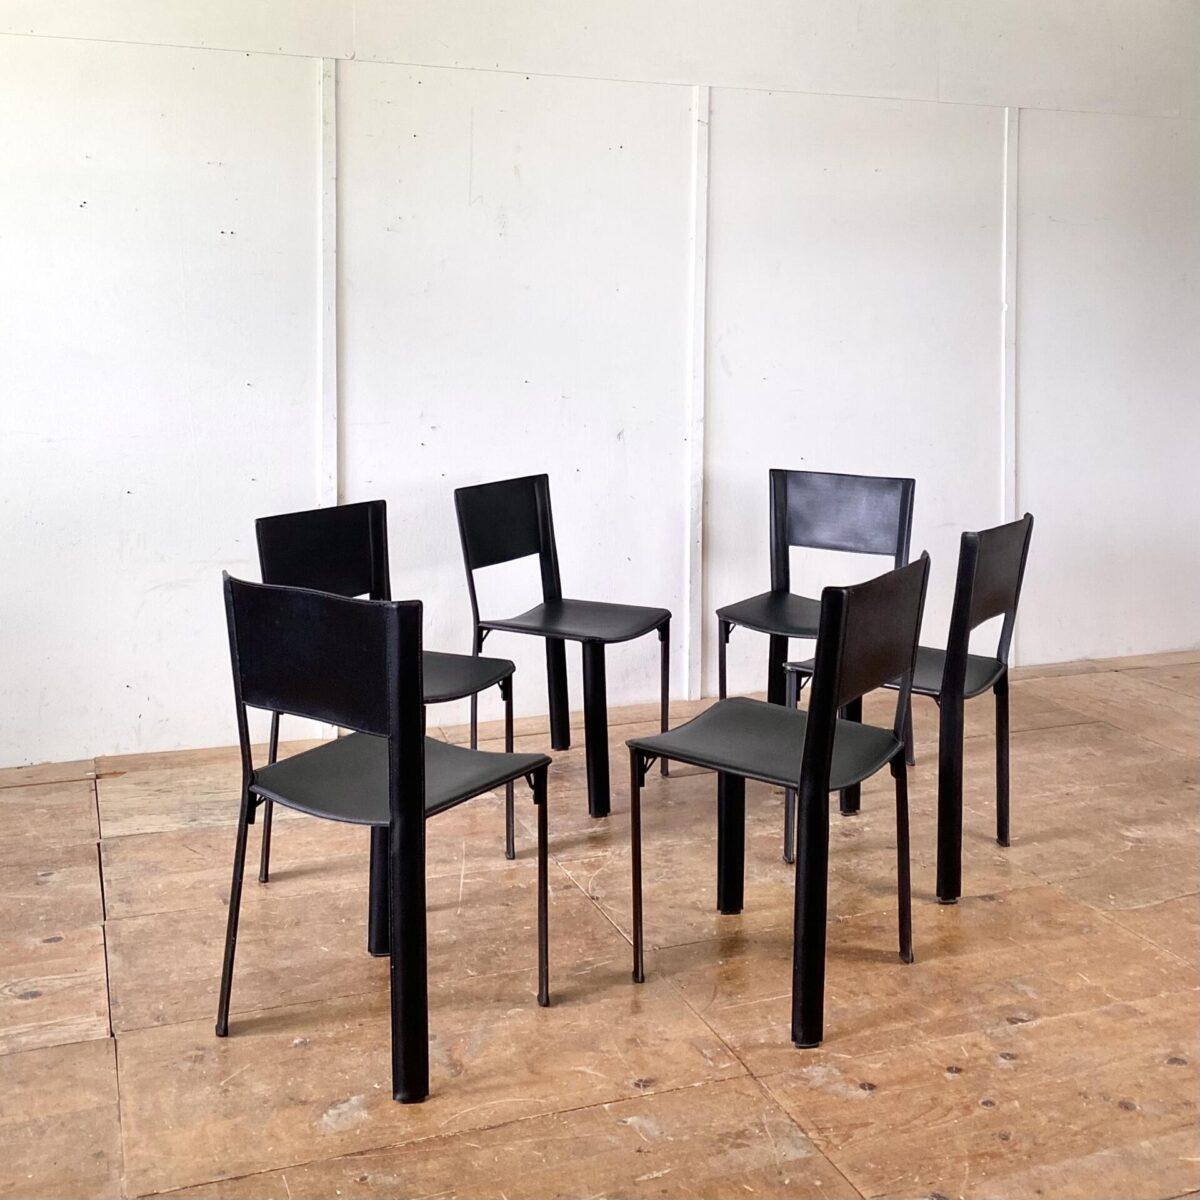 Deuxieme.shop Italienische Leder Stühle. 6er Set Esszimmer Stühle aus Leder. Ein Hersteller ist nicht ersichtlich, qualitative Verarbeitung. Matteo Grassi Verschnitt. An einem Stuhl fehlen zwei Kunststofffüsse, kleine Abschürfungen an den Kanten, ansonsten in gepflegtem Zustand. Preis fürs Set.